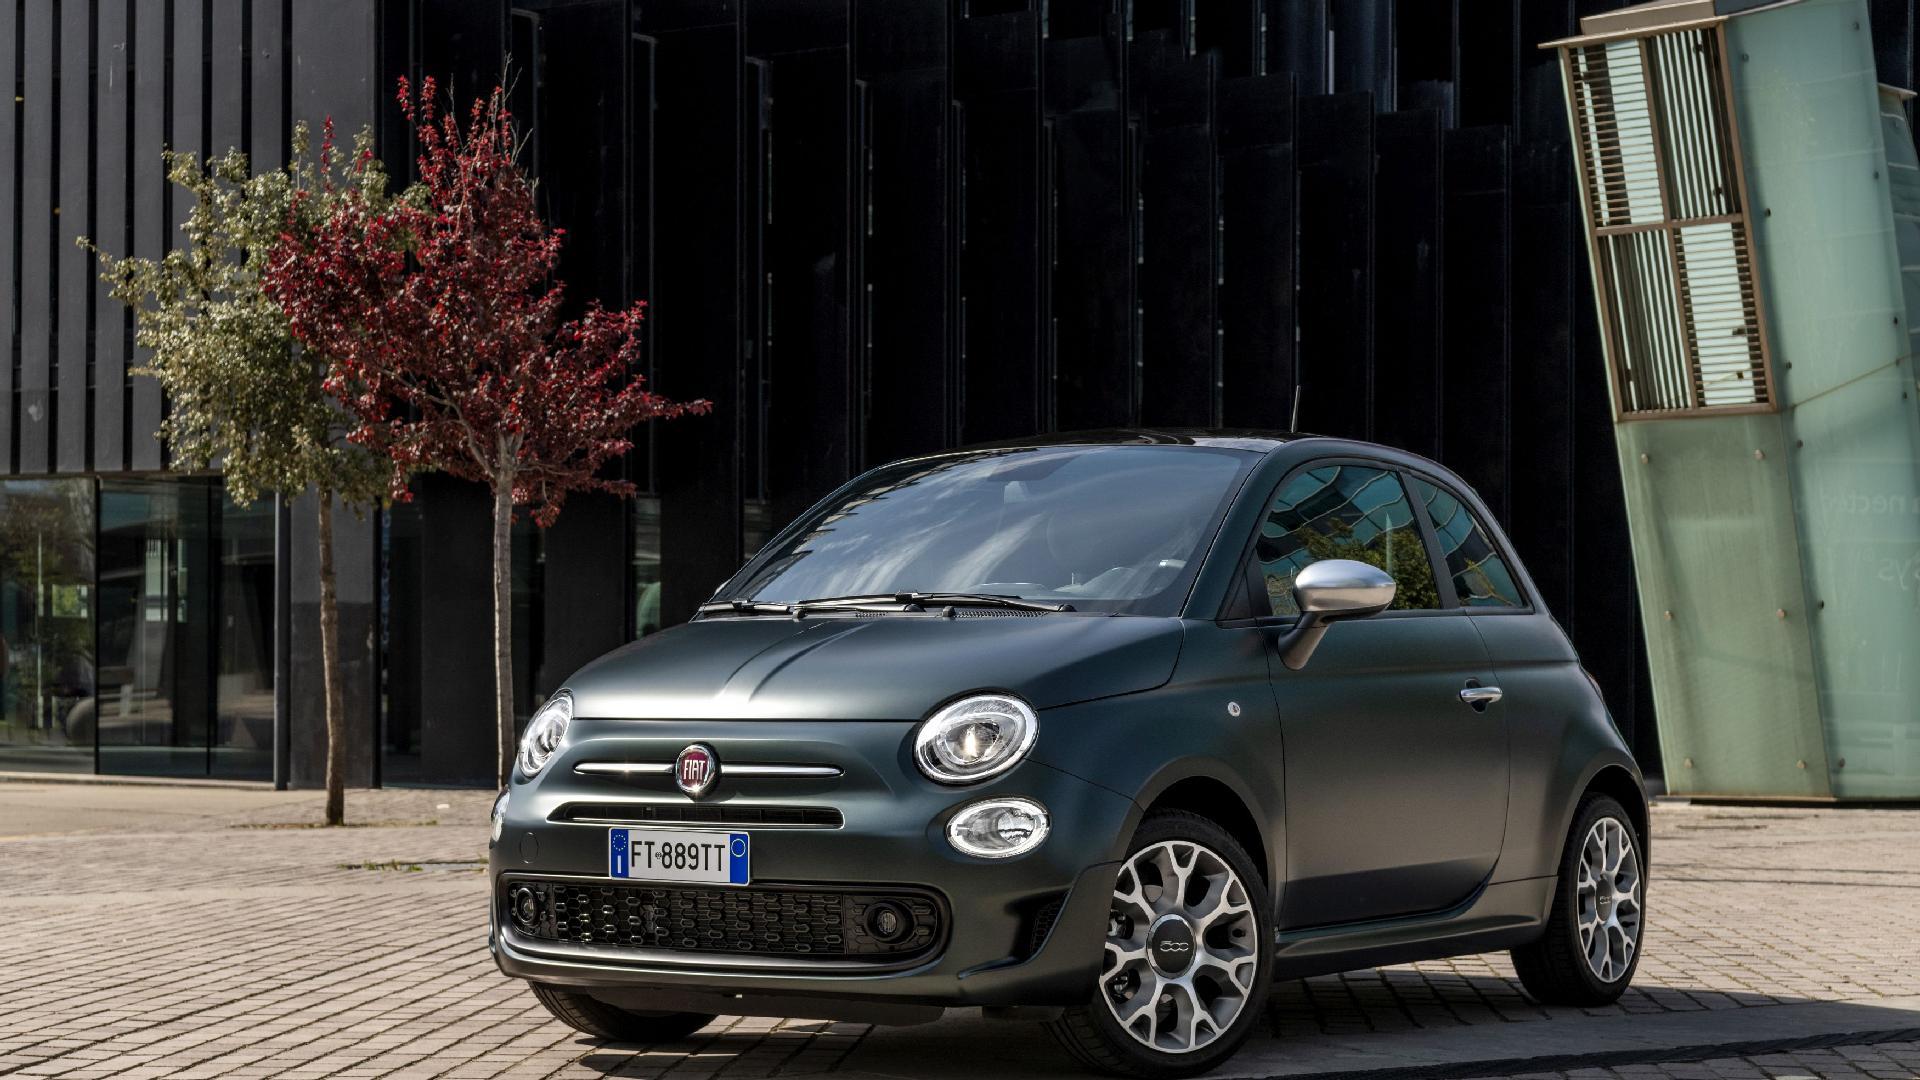 FIAT 500S 1.2 EU6d